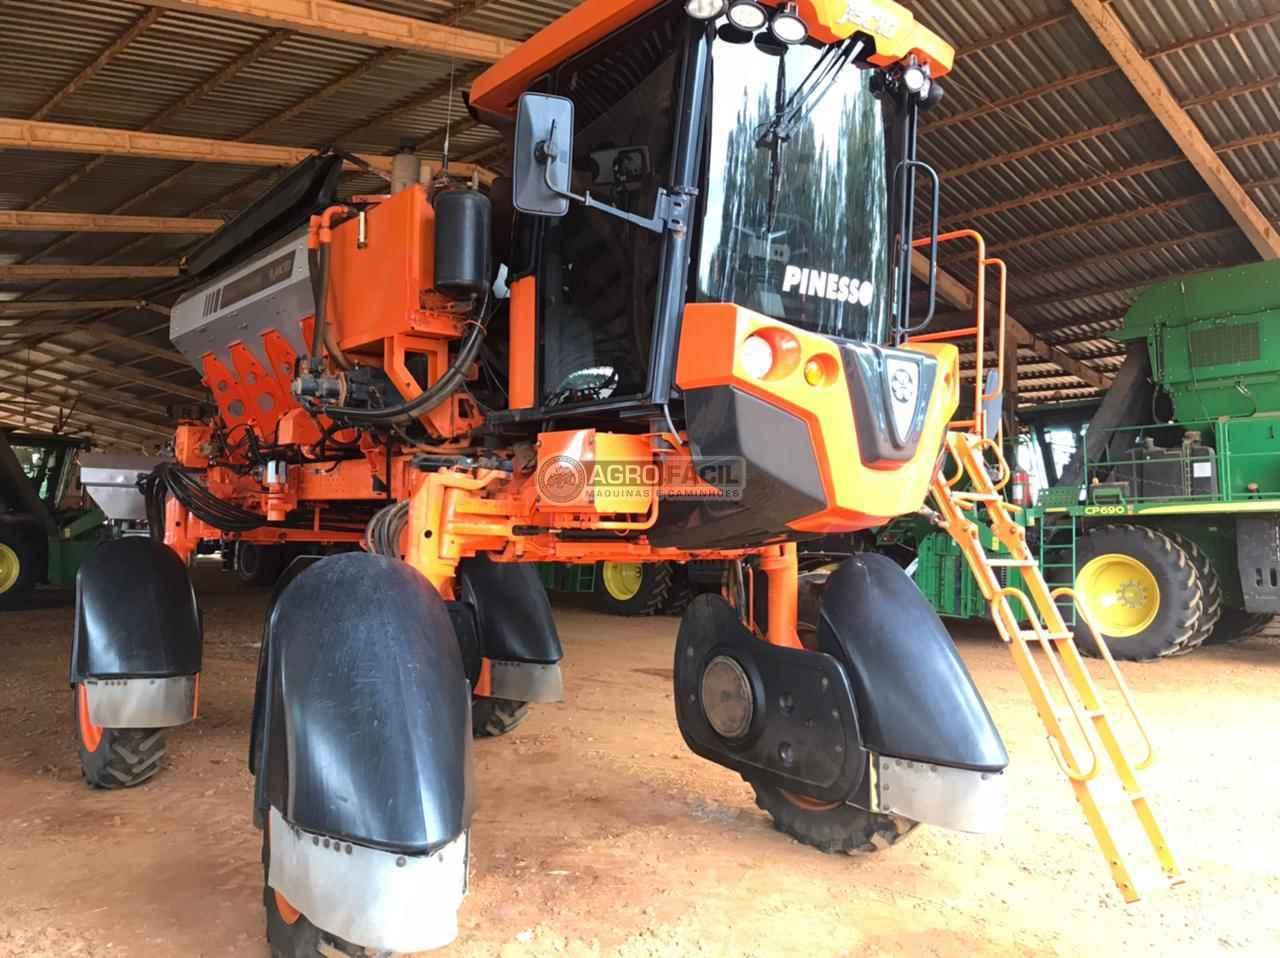 DISTRIBUIDOR AUTOPROPELIDO JACTO UNIPORT 5030 NPK Tração 4x4 Agro Fácil Máquinas PRIMAVERA DO LESTE MATO GROSSO MT